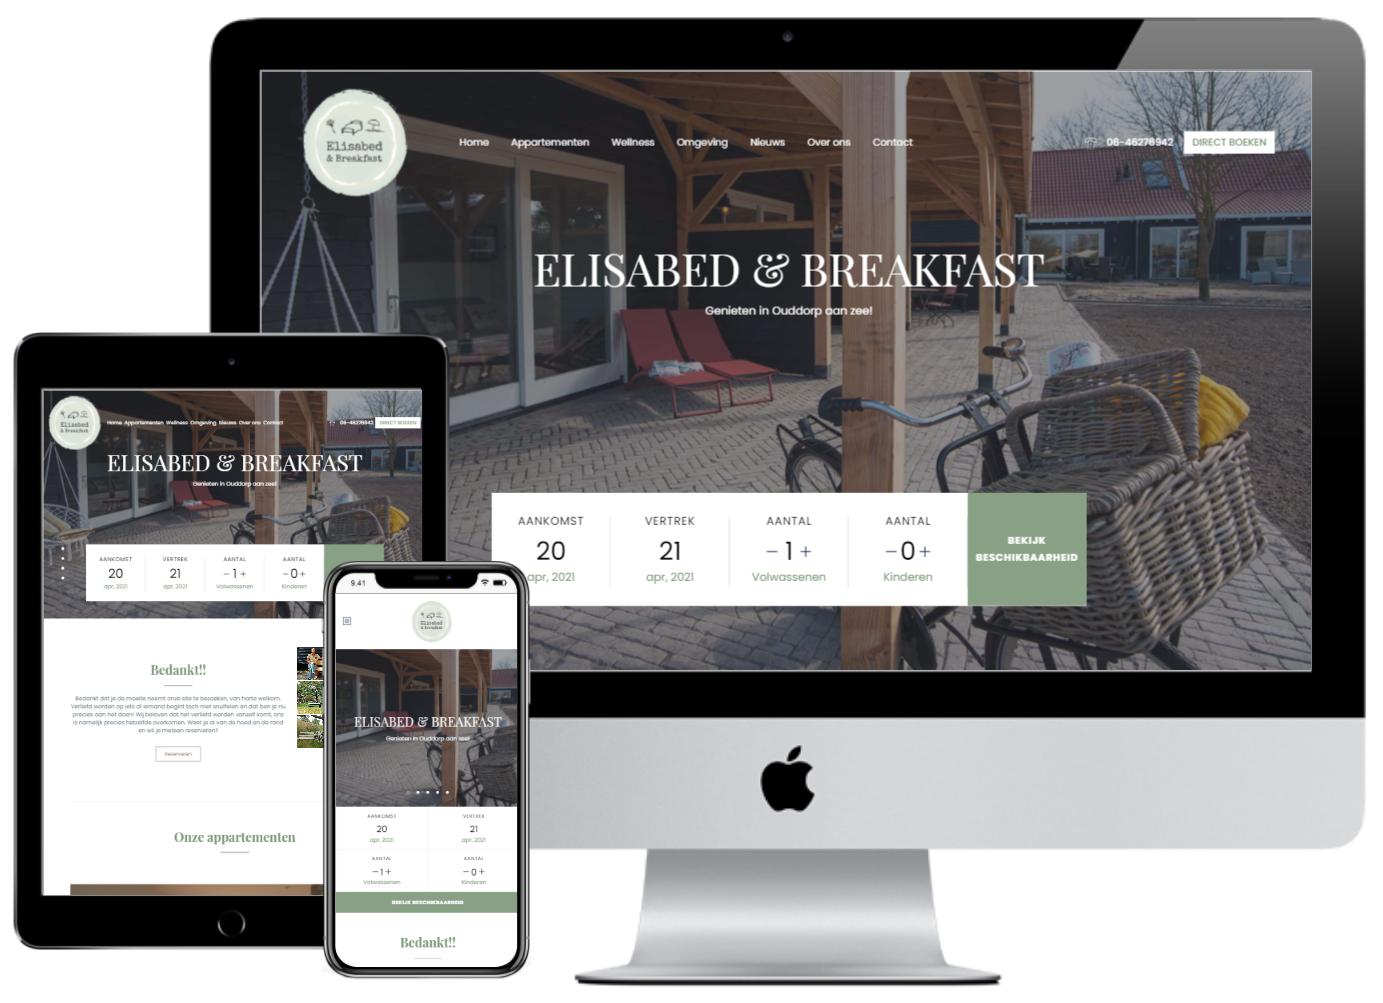 Elisabed & Breakfast Ouddorp